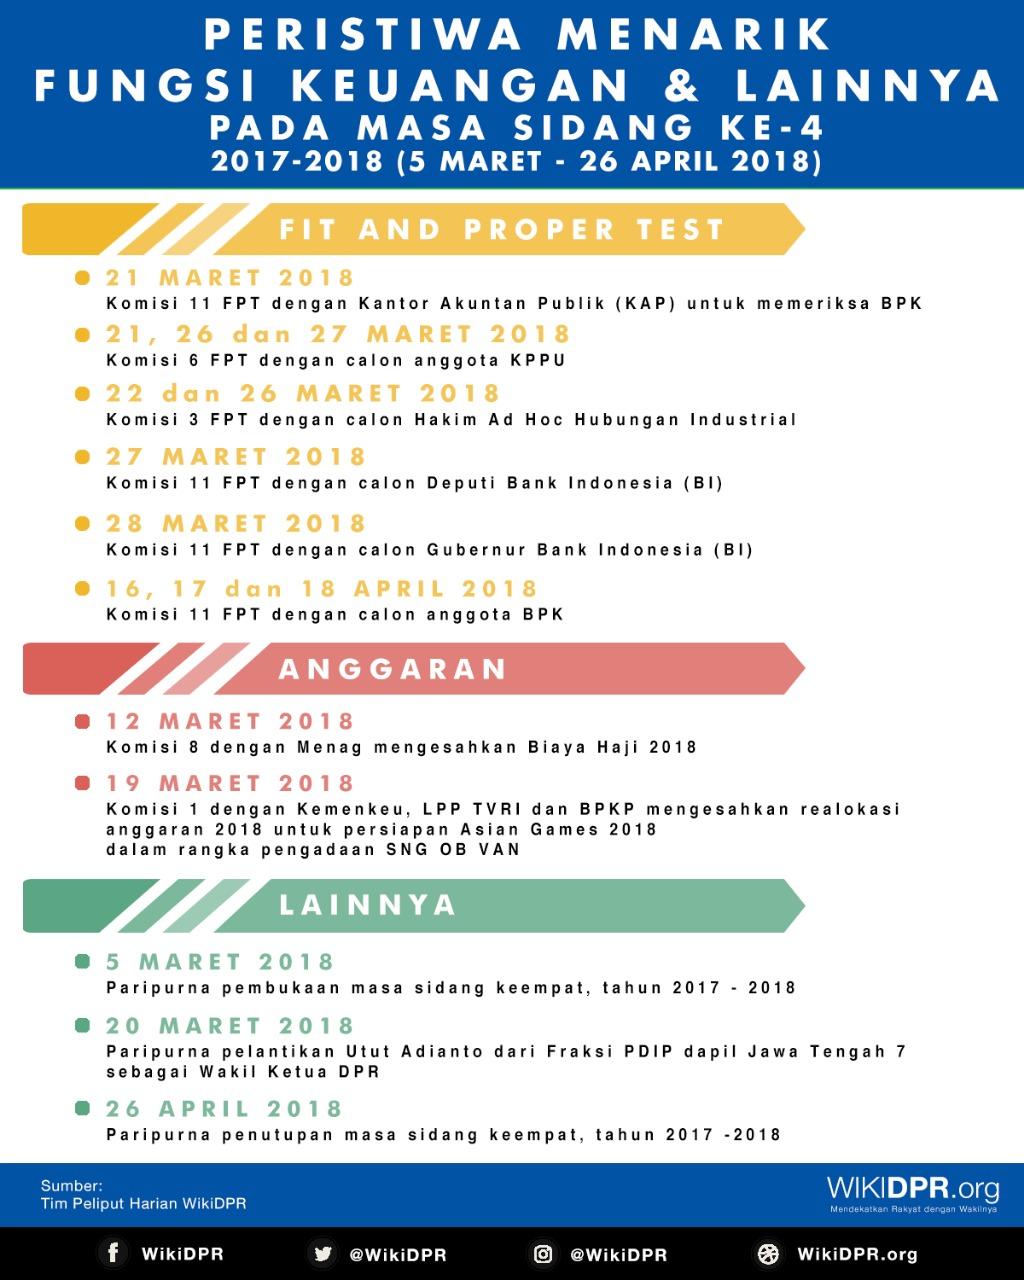 Peristiwa Menarik Masa Sidang ke-4 Tahun 2017-2018 (Bidang Keuangan 5b7ddbd511